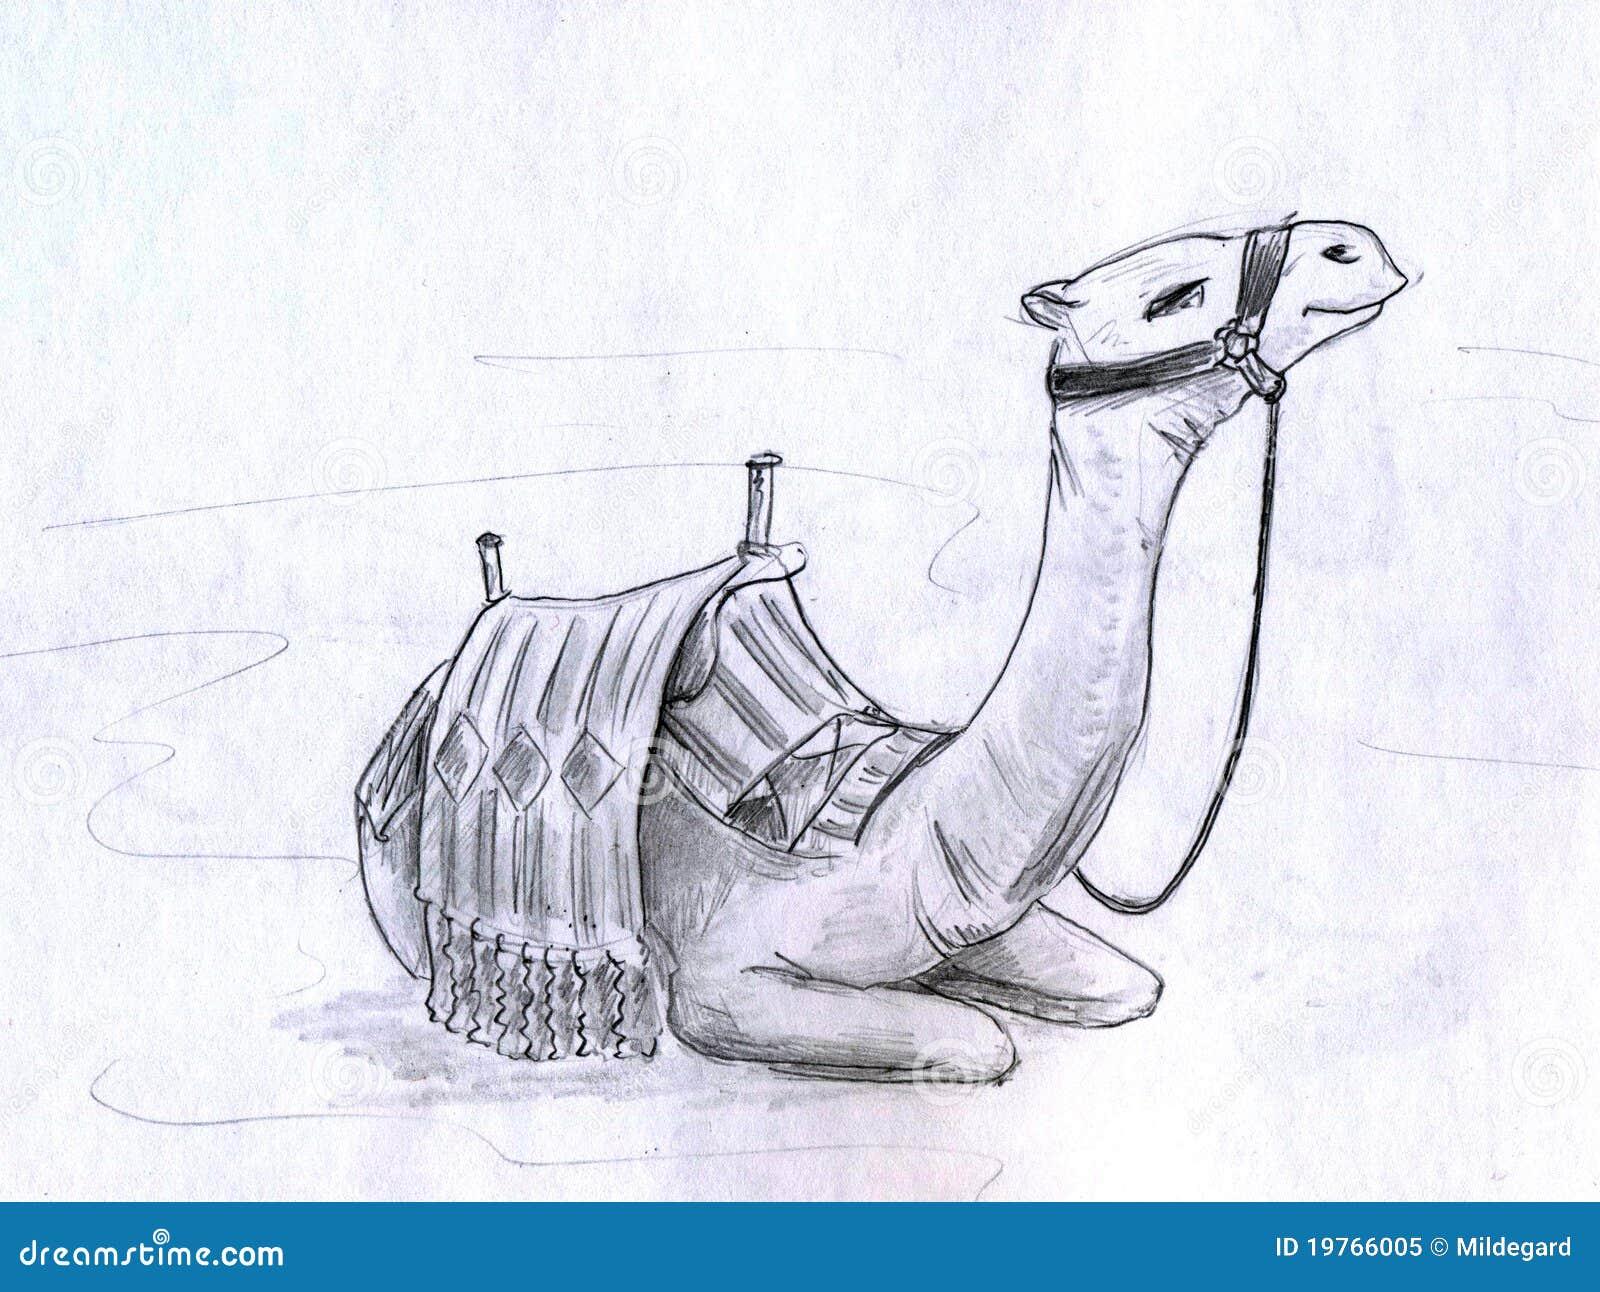 Camel stock illustration. Illustration of image, kneel ...